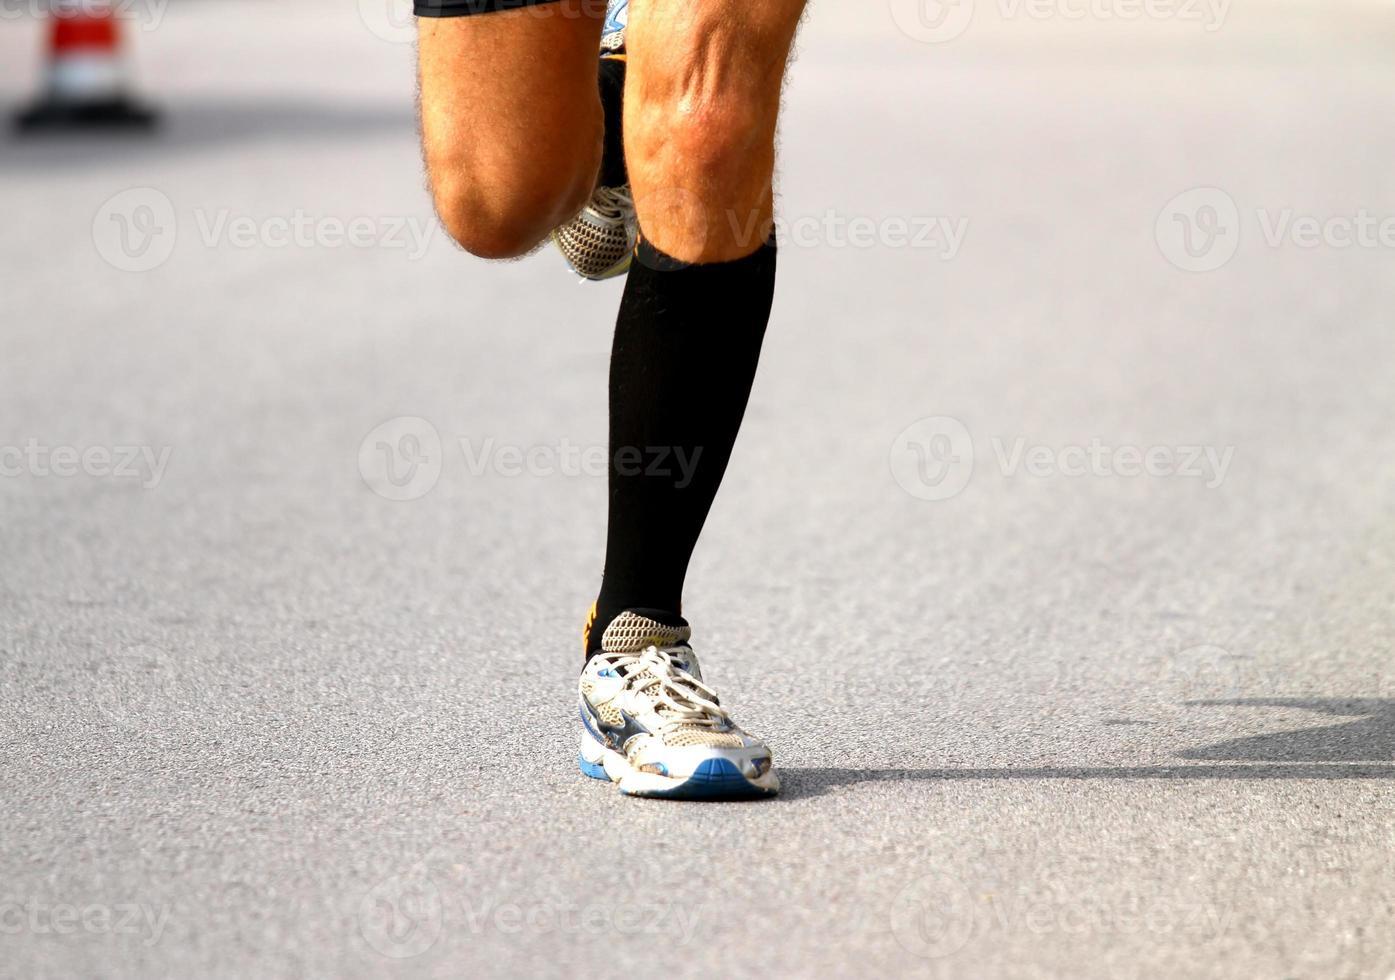 corredor rápido con zapatillas de deporte durante el maratón en carretera foto